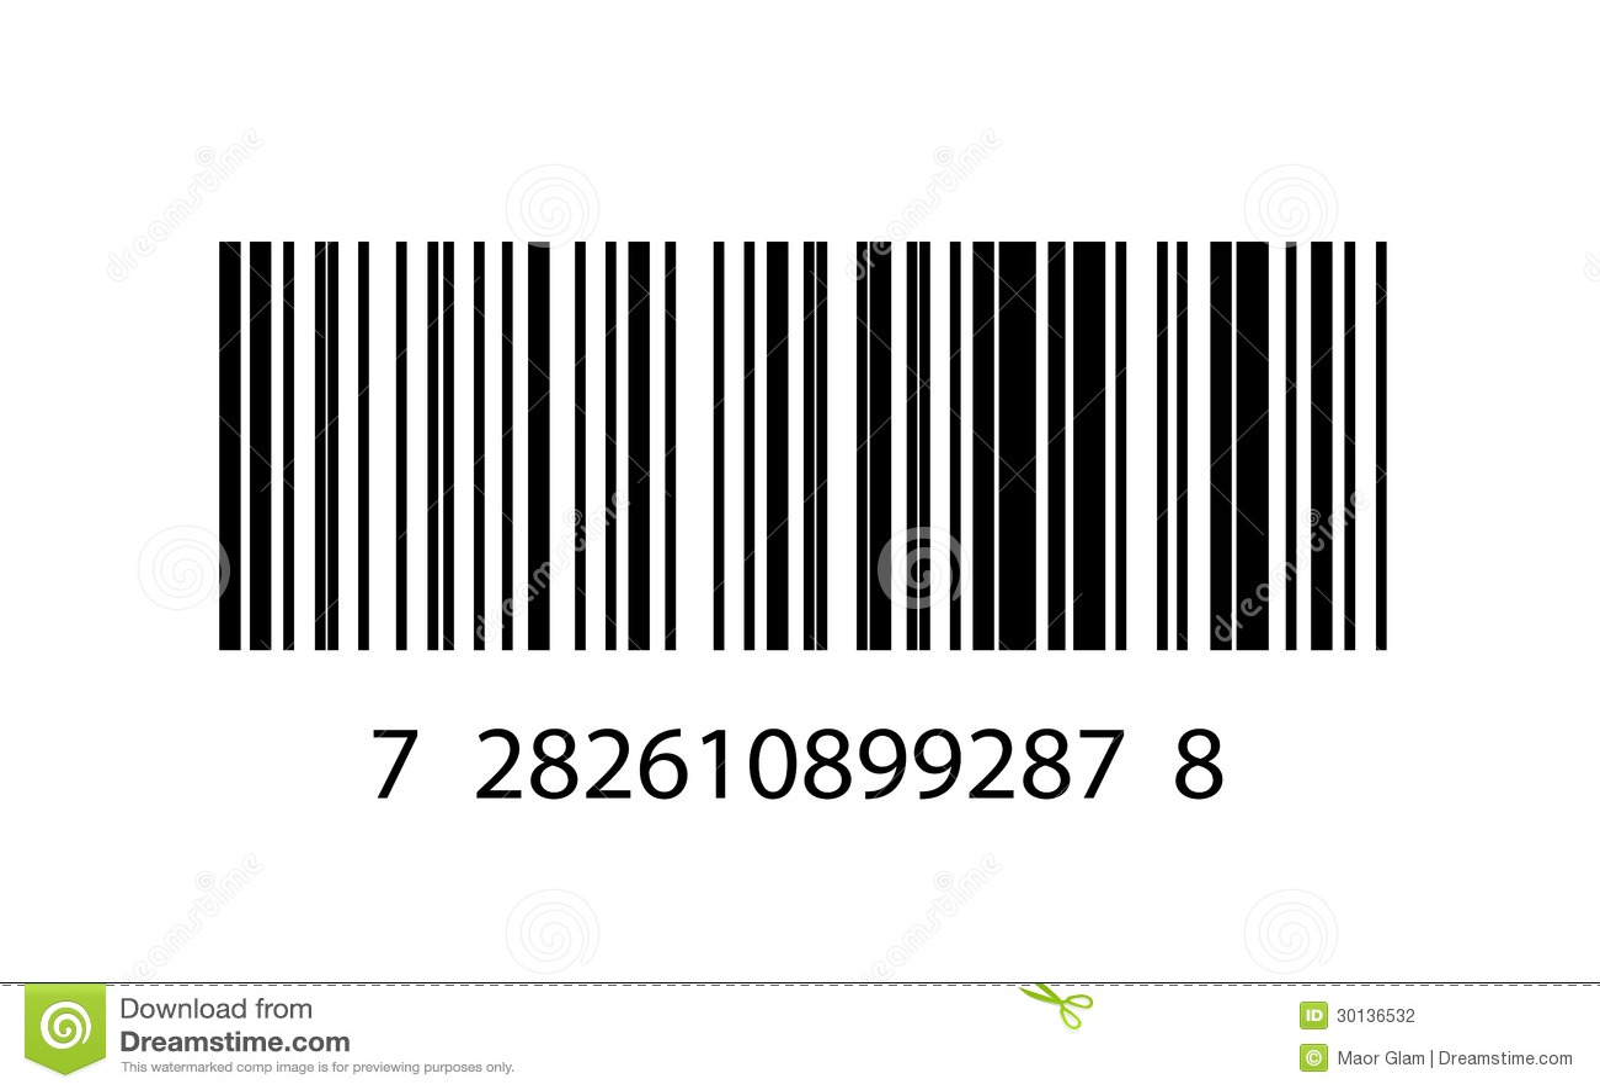 Ilustração Do ícone Do Código De Barras